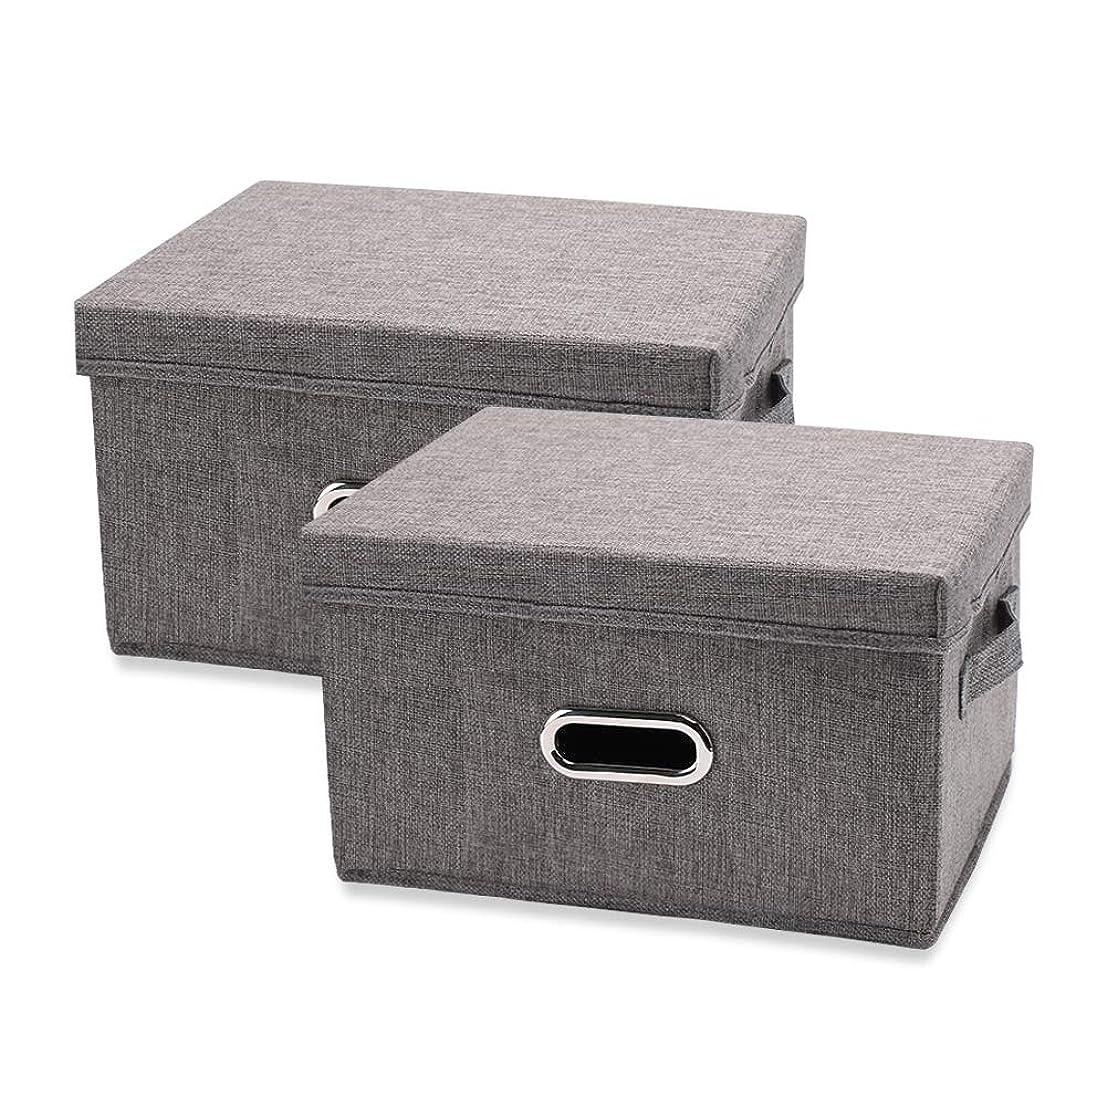 ランチョン失望視線SAVORI 衣類収納ケース 収納ボックス おもちゃ箱 折りたたみ 2個セット 耐用性 大容量 カラーボックス 保管 不織布 蓋付き(グレー)